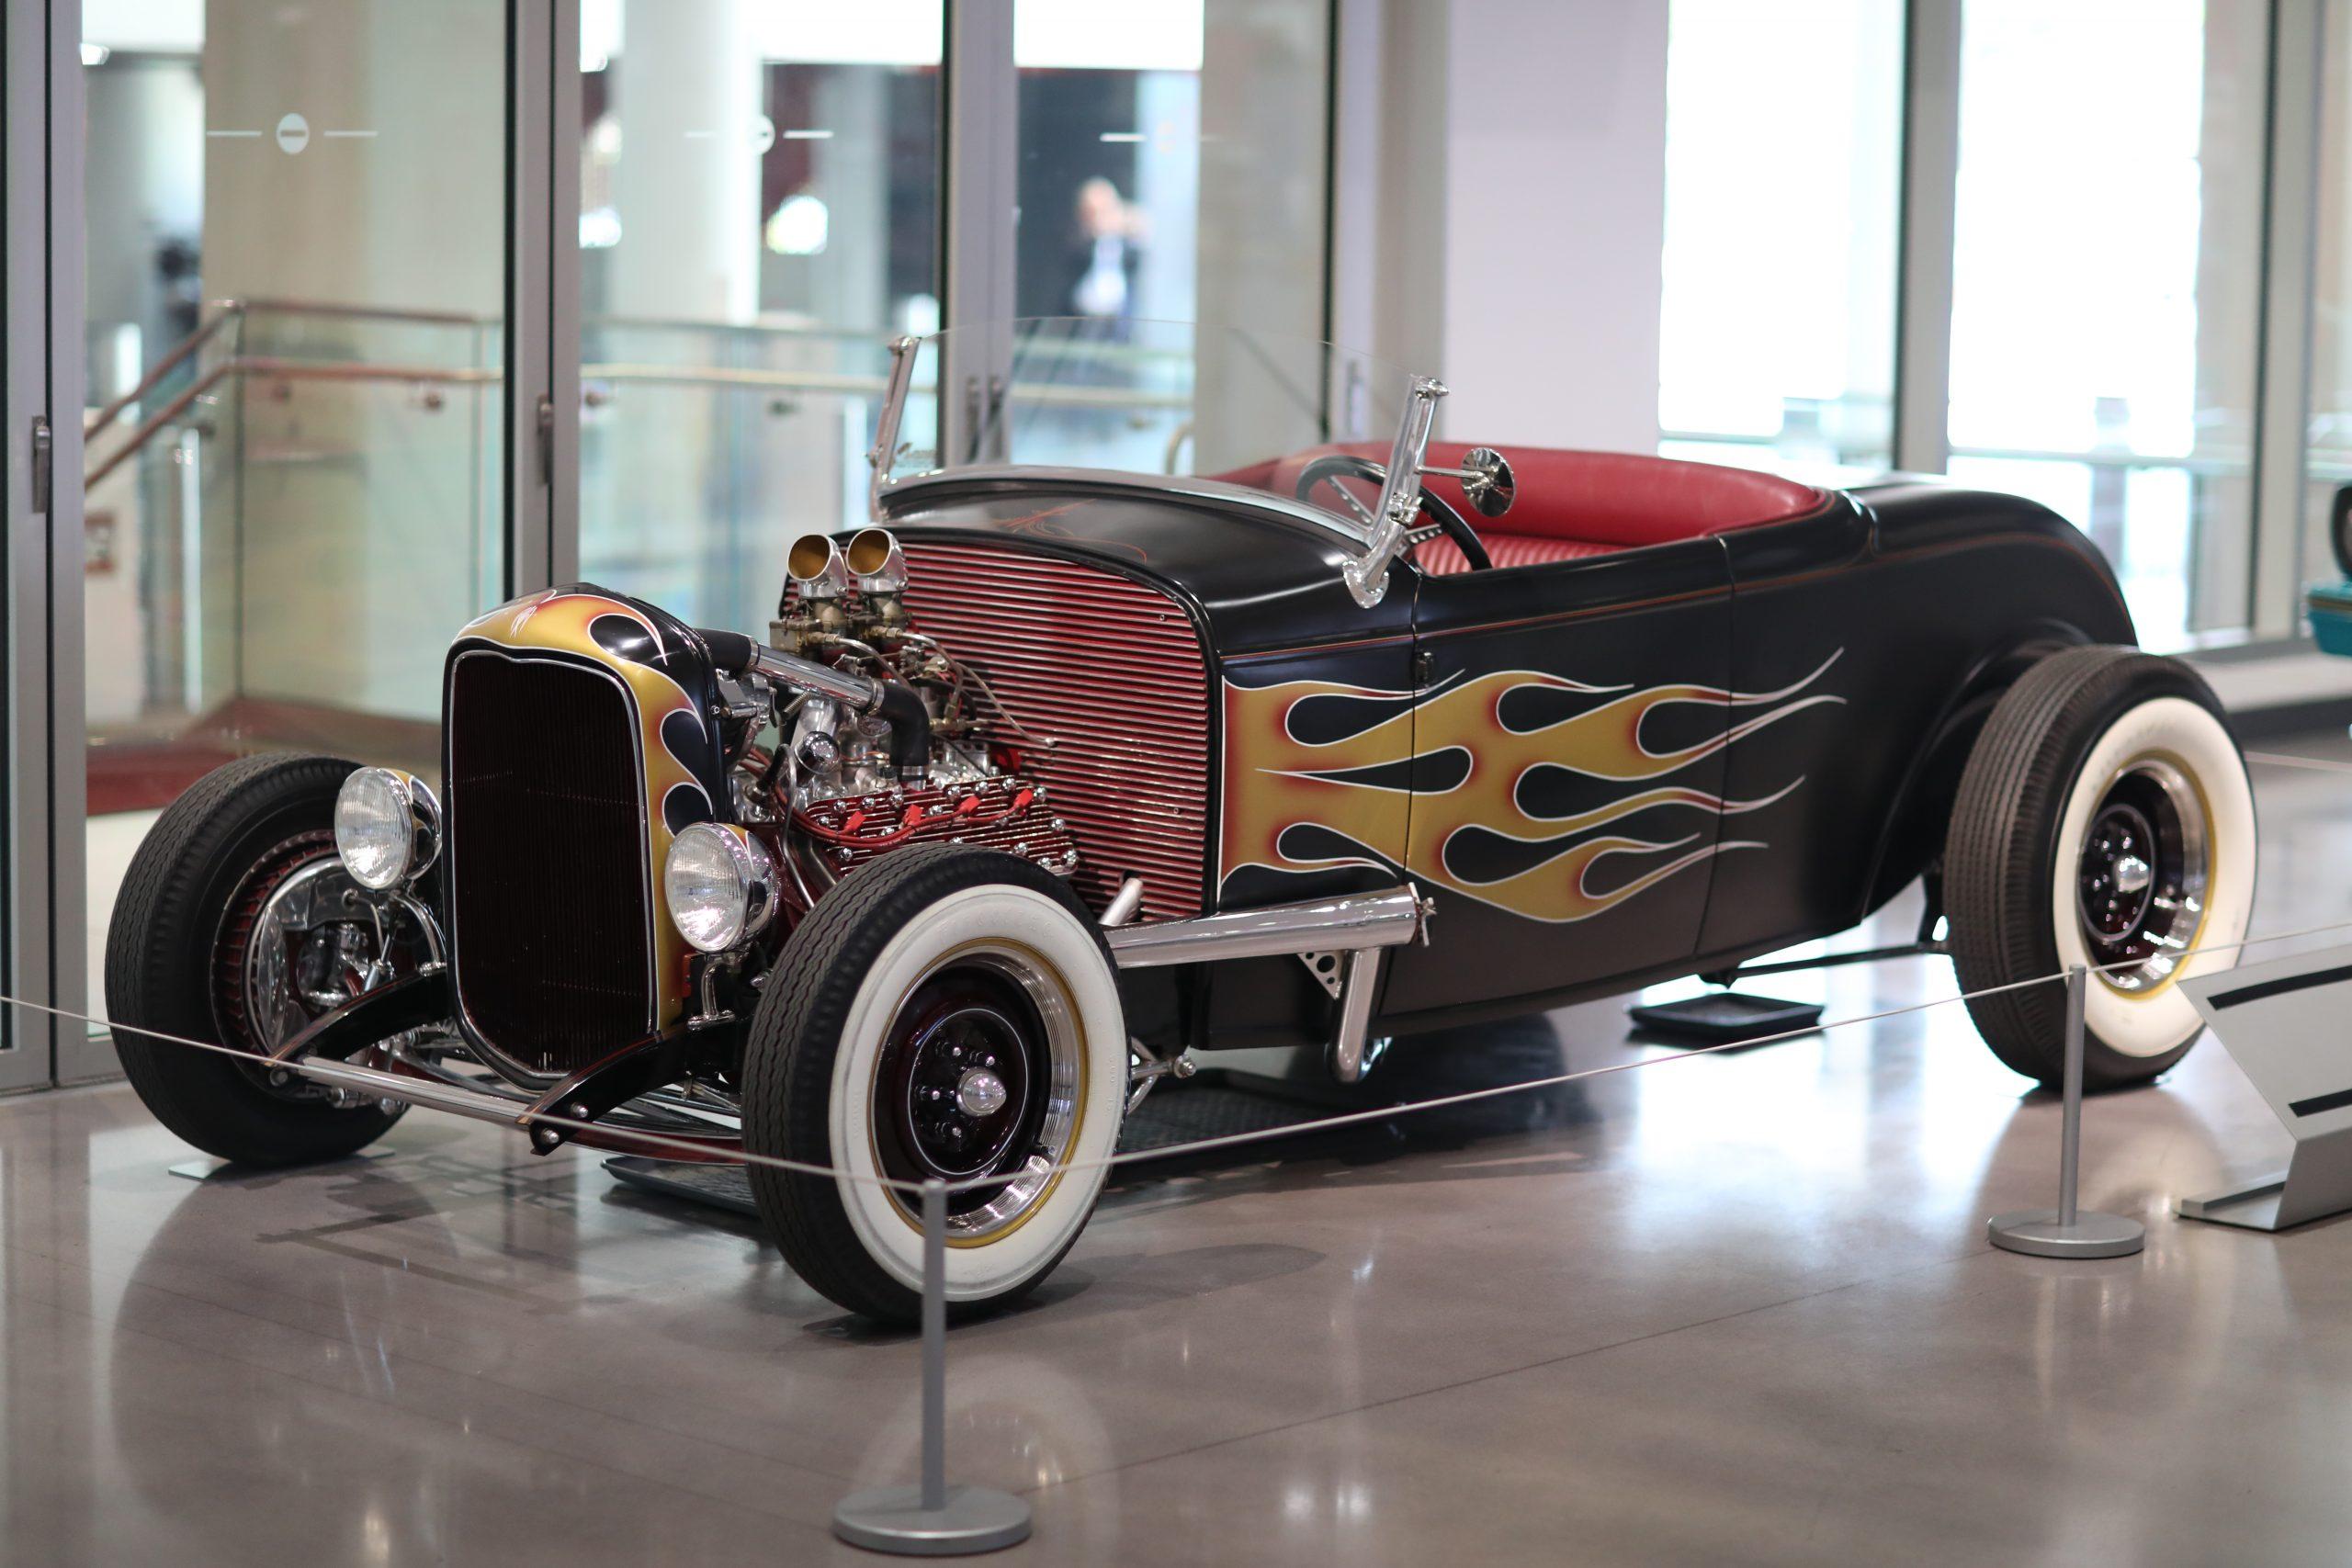 1932 Ford Lowboy Petersen